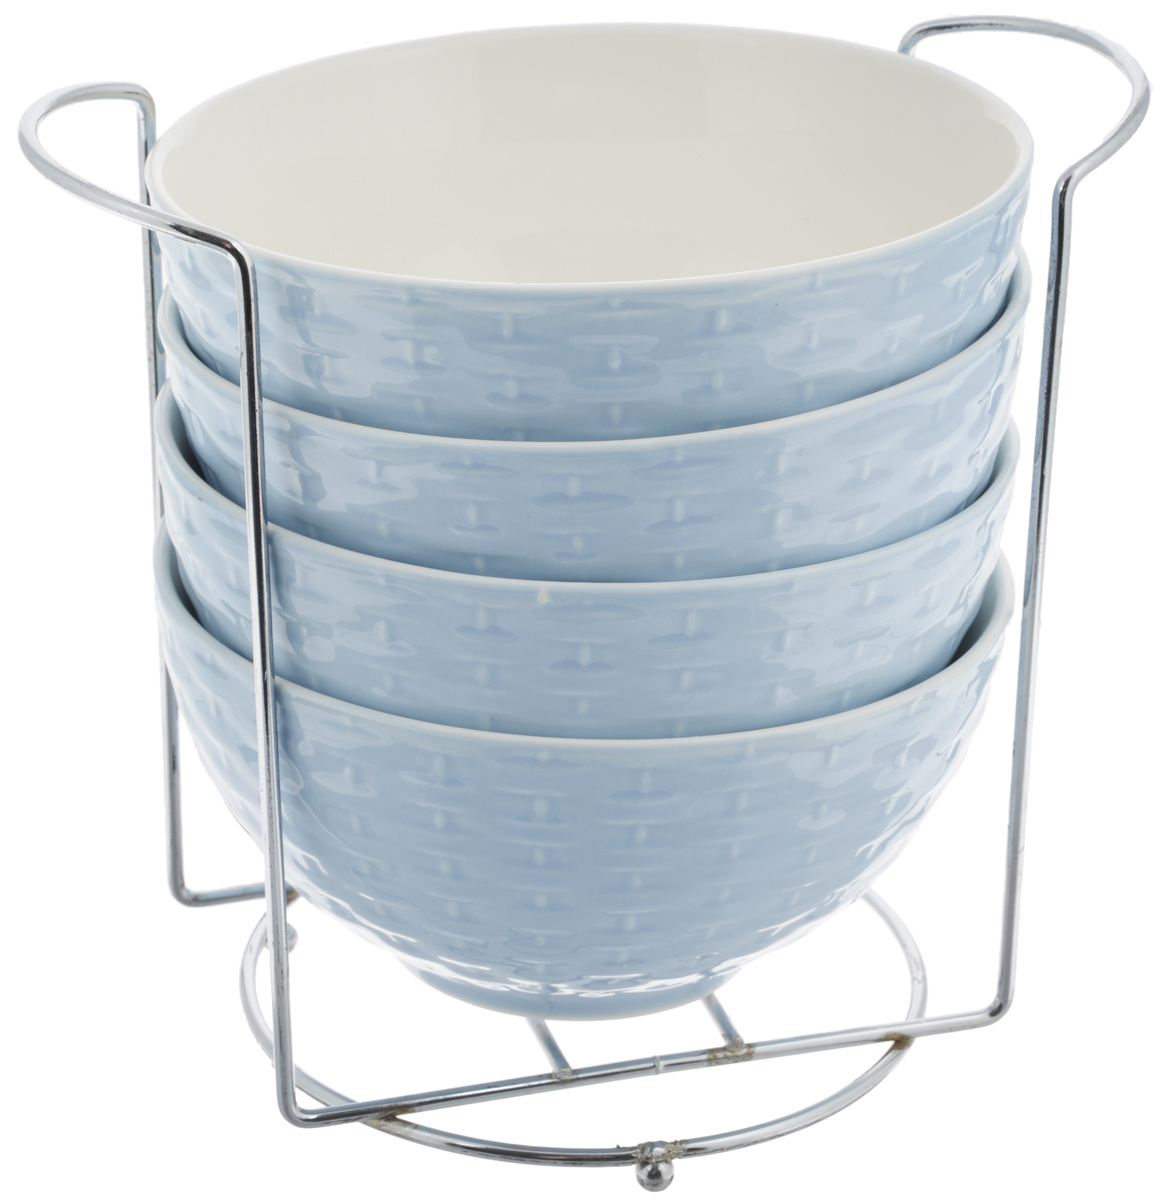 Набор супниц Loraine, на подставке, цвет: светло-синий, белый, 420 мл, 5 предметов22575Набор Loraine включает четыре супницы, выполненные из высококачественной глазурованной керамики. Внешние стенки декорированы рельефом под плетение. Набор прекрасно подходит для подачи супов, бульонов и других блюд. Элегантный дизайн отлично впишется в интерьер любой кухни.Супницы компактно размещаются на подставке из железа.Посуду можно использовать в микроволновой печи и холодильнике, а также мыть в посудомоечной машине.Объем супниц: 420 мл.Диаметр супниц по верхнему краю: 15,5 см.Высота супниц: 8 см.Размер подставки: 20 х 13 х 18 см.